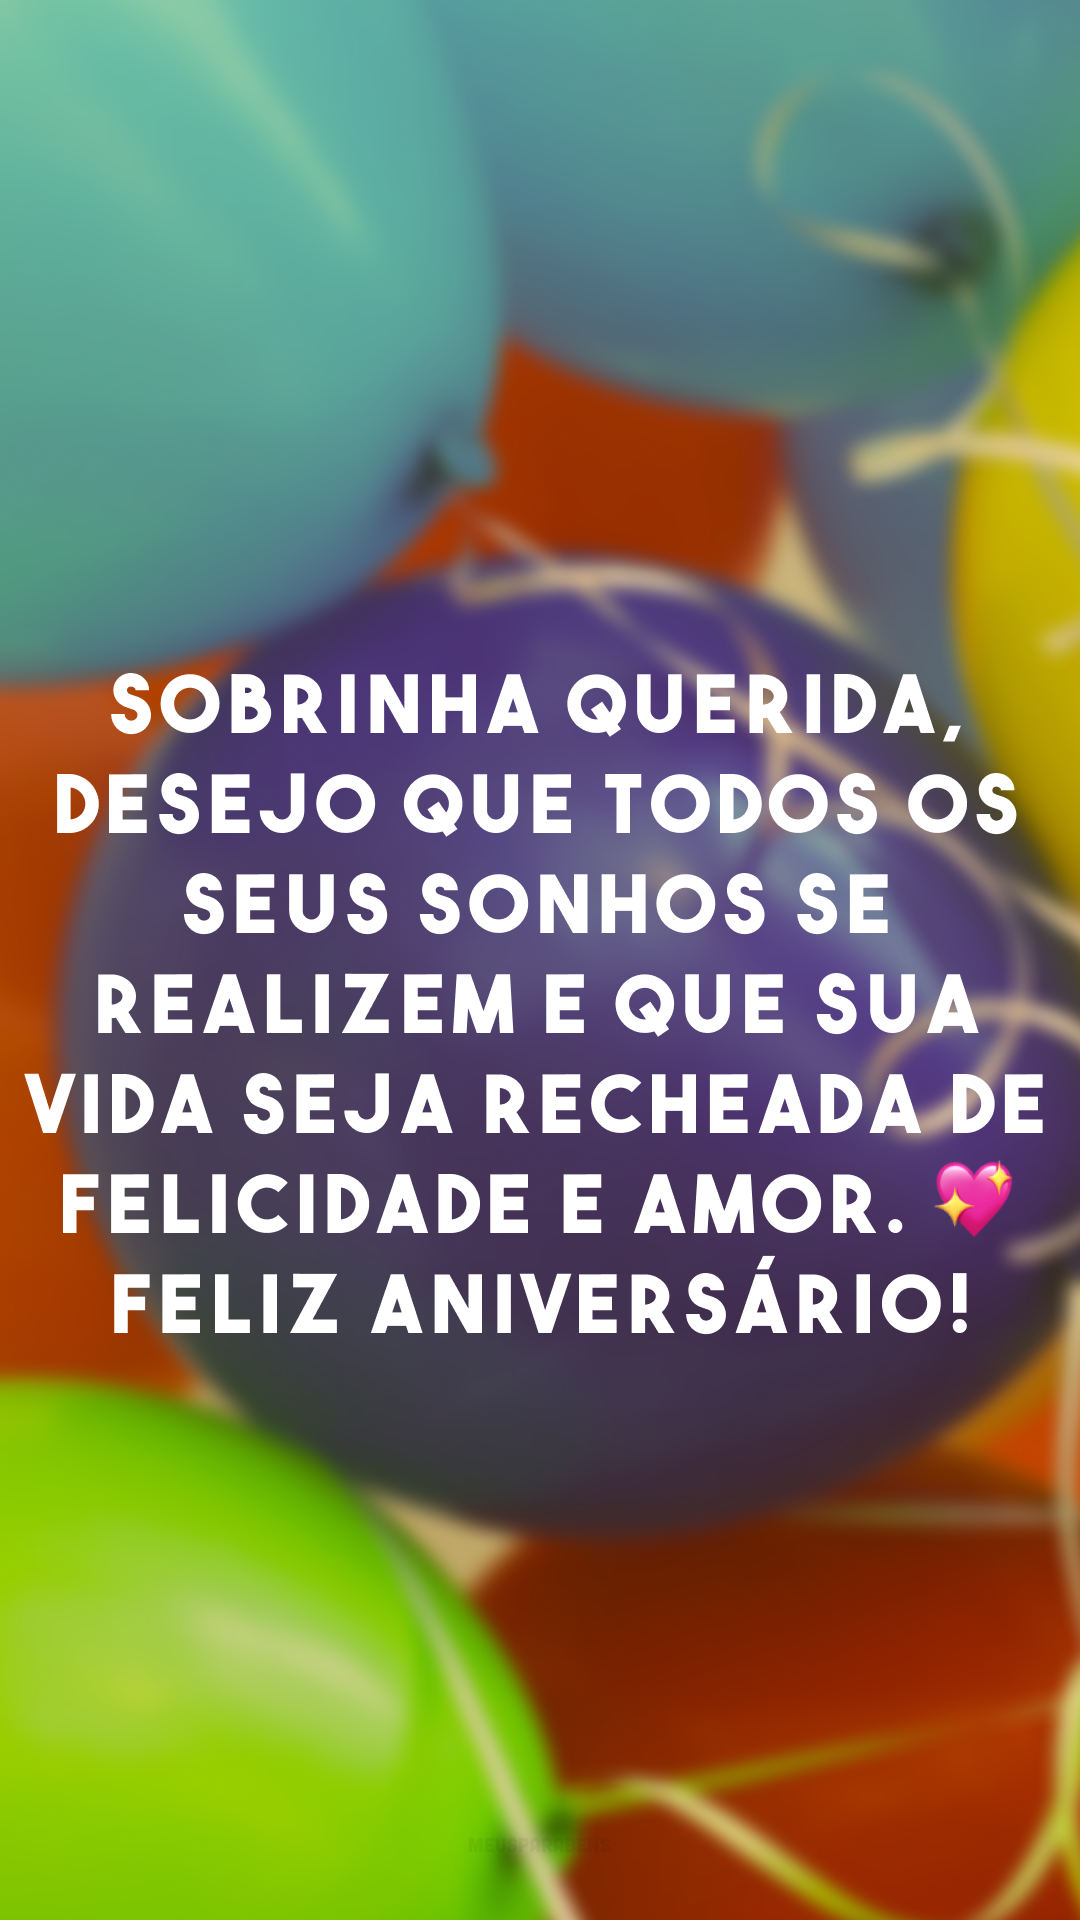 Sobrinha querida, desejo que todos os seus sonhos se realizem e que sua vida seja recheada de felicidade e amor. 💖 Feliz aniversário!